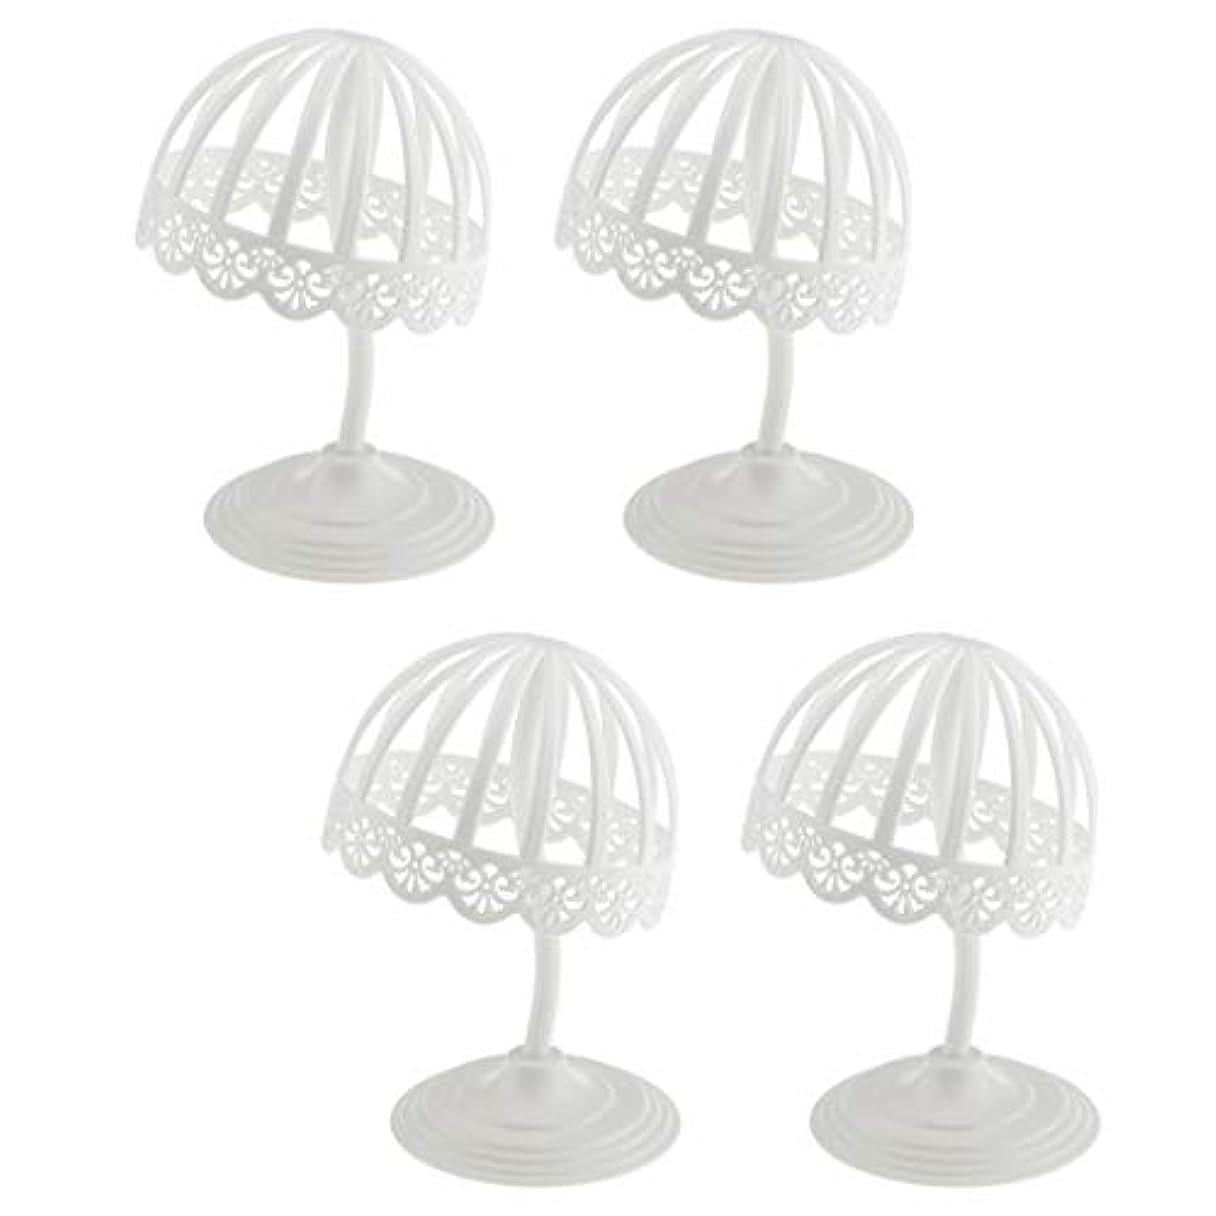 振りかける行雲ウィッグ スタンド 帽子 収納 ディスプレイ 4個セット プラスチック製 ホワイト